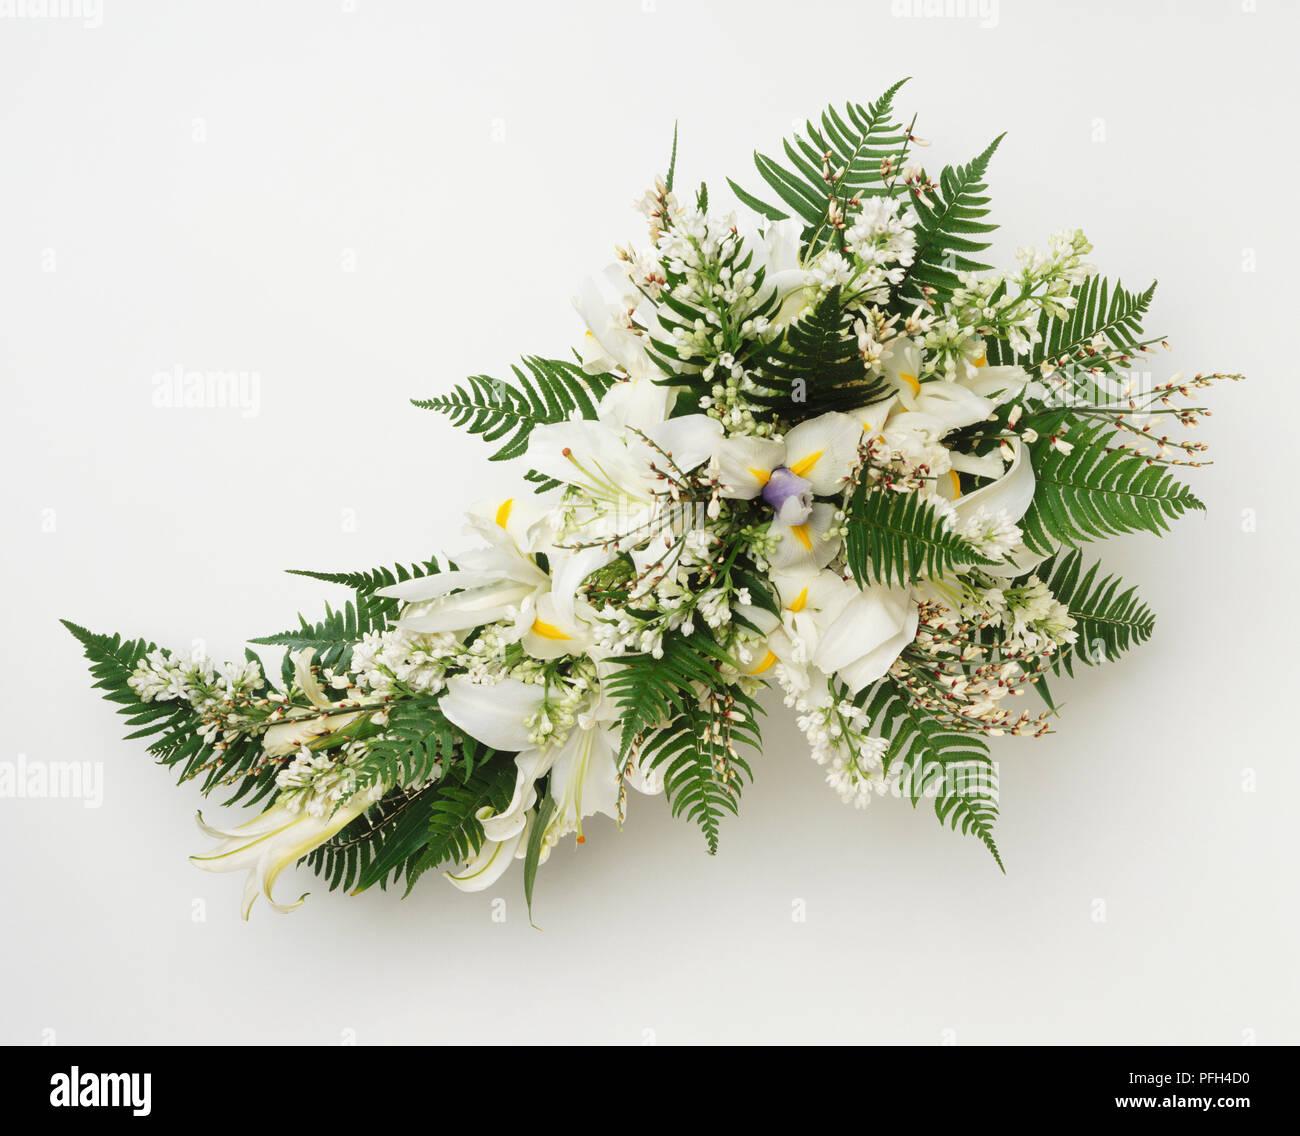 Brautstrauss Aus Weissen Lilien Flieder Iris Und Boston Farn